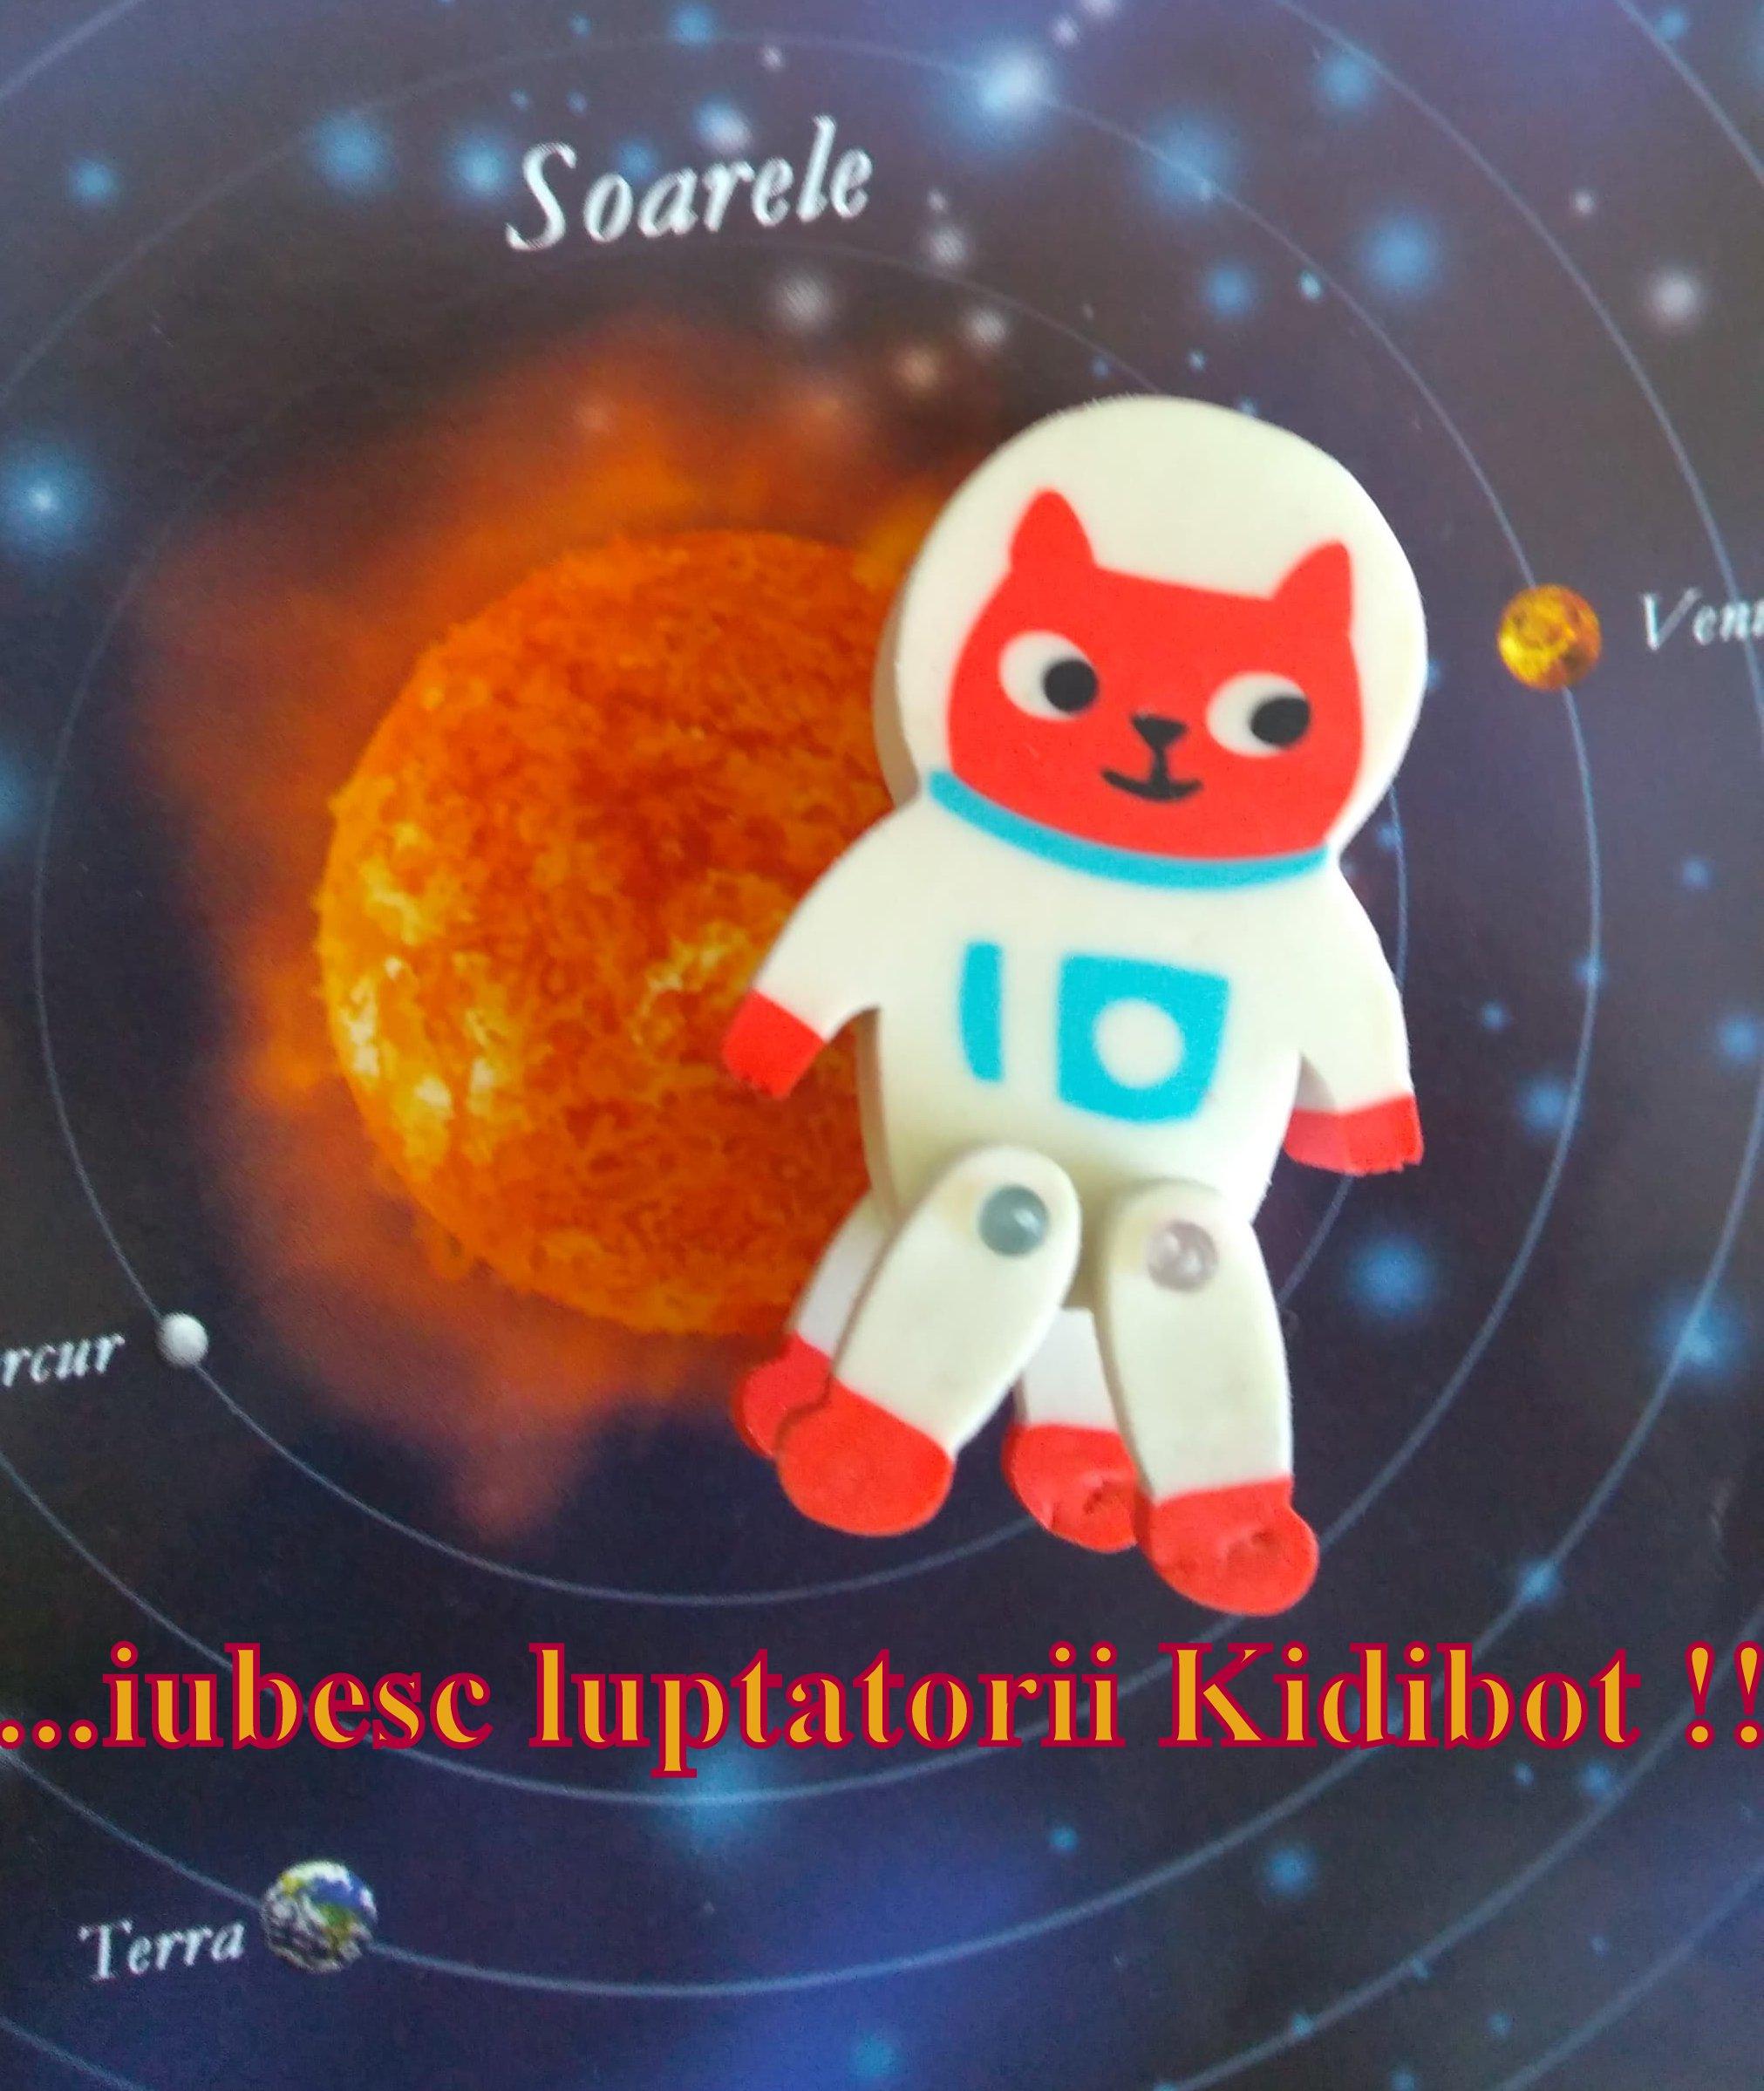 Astronomia o știință plina de mistere….